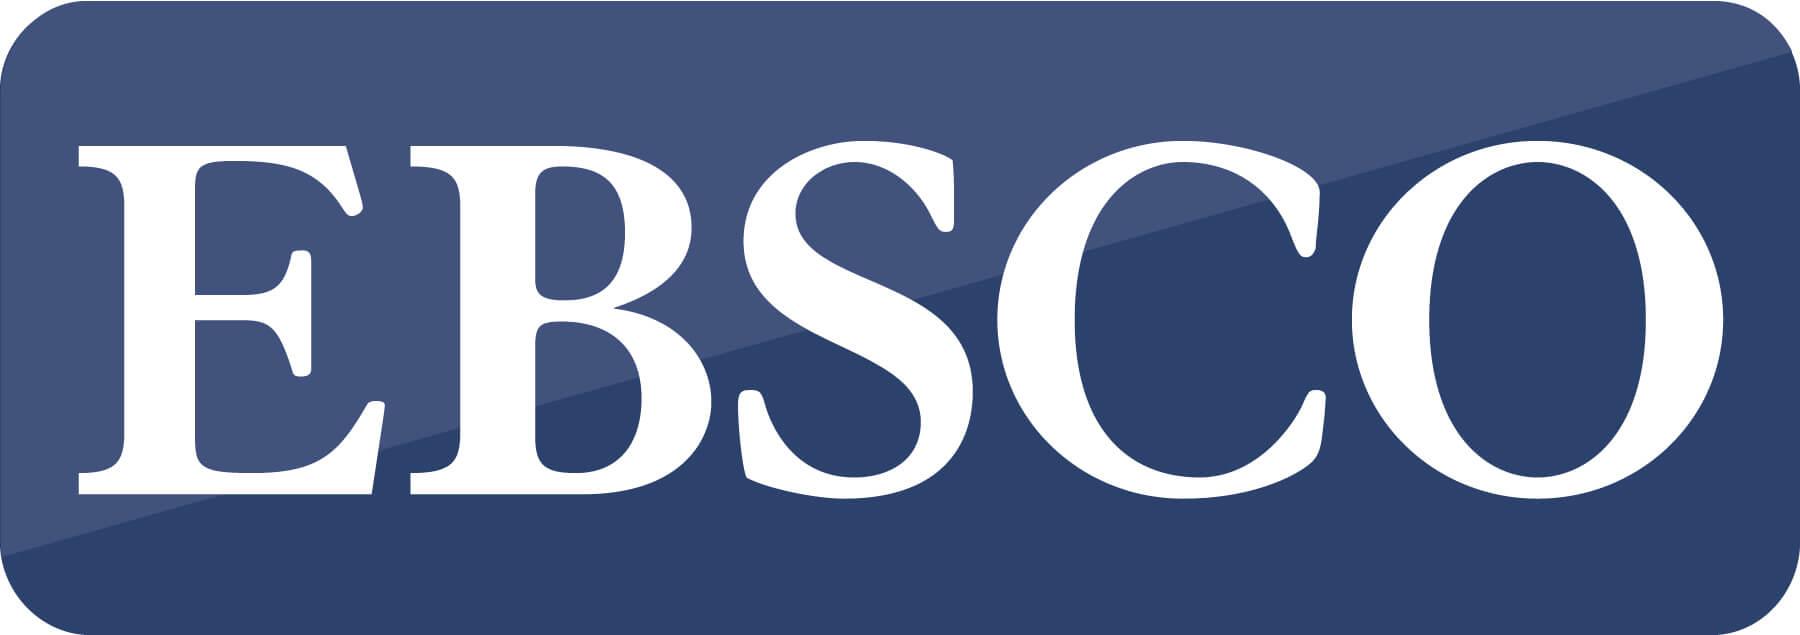 EBSCO highres 1